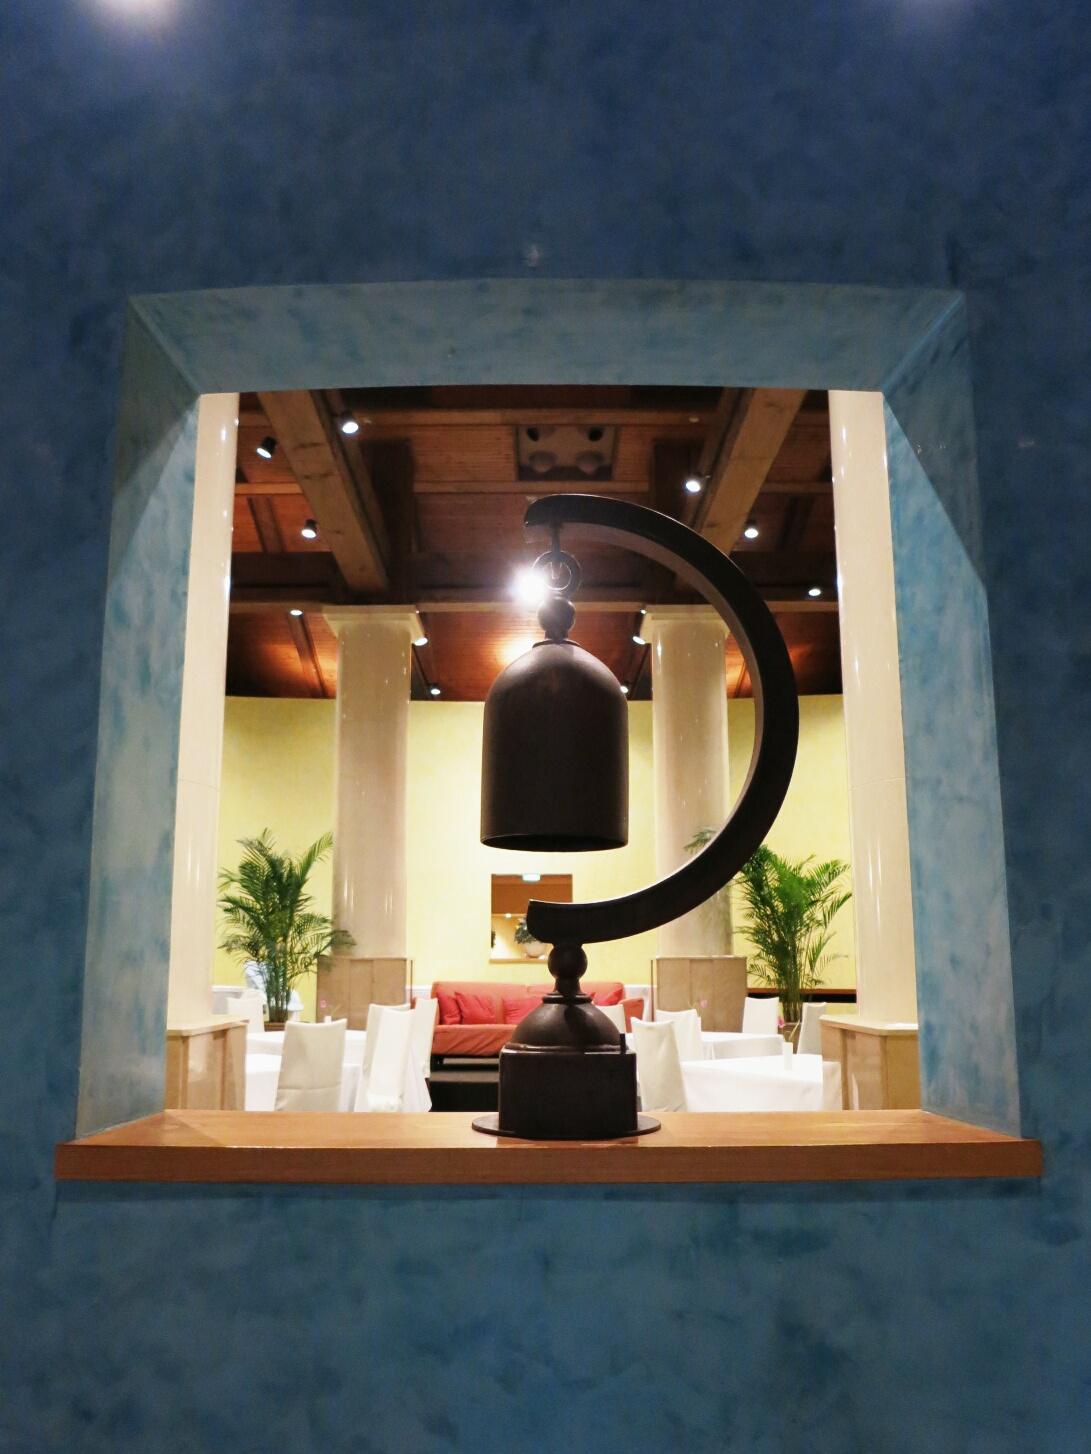 軽井沢スイーツ博・2013 ❤ SWEETS MUSEUM 後編_f0236260_3262161.jpg